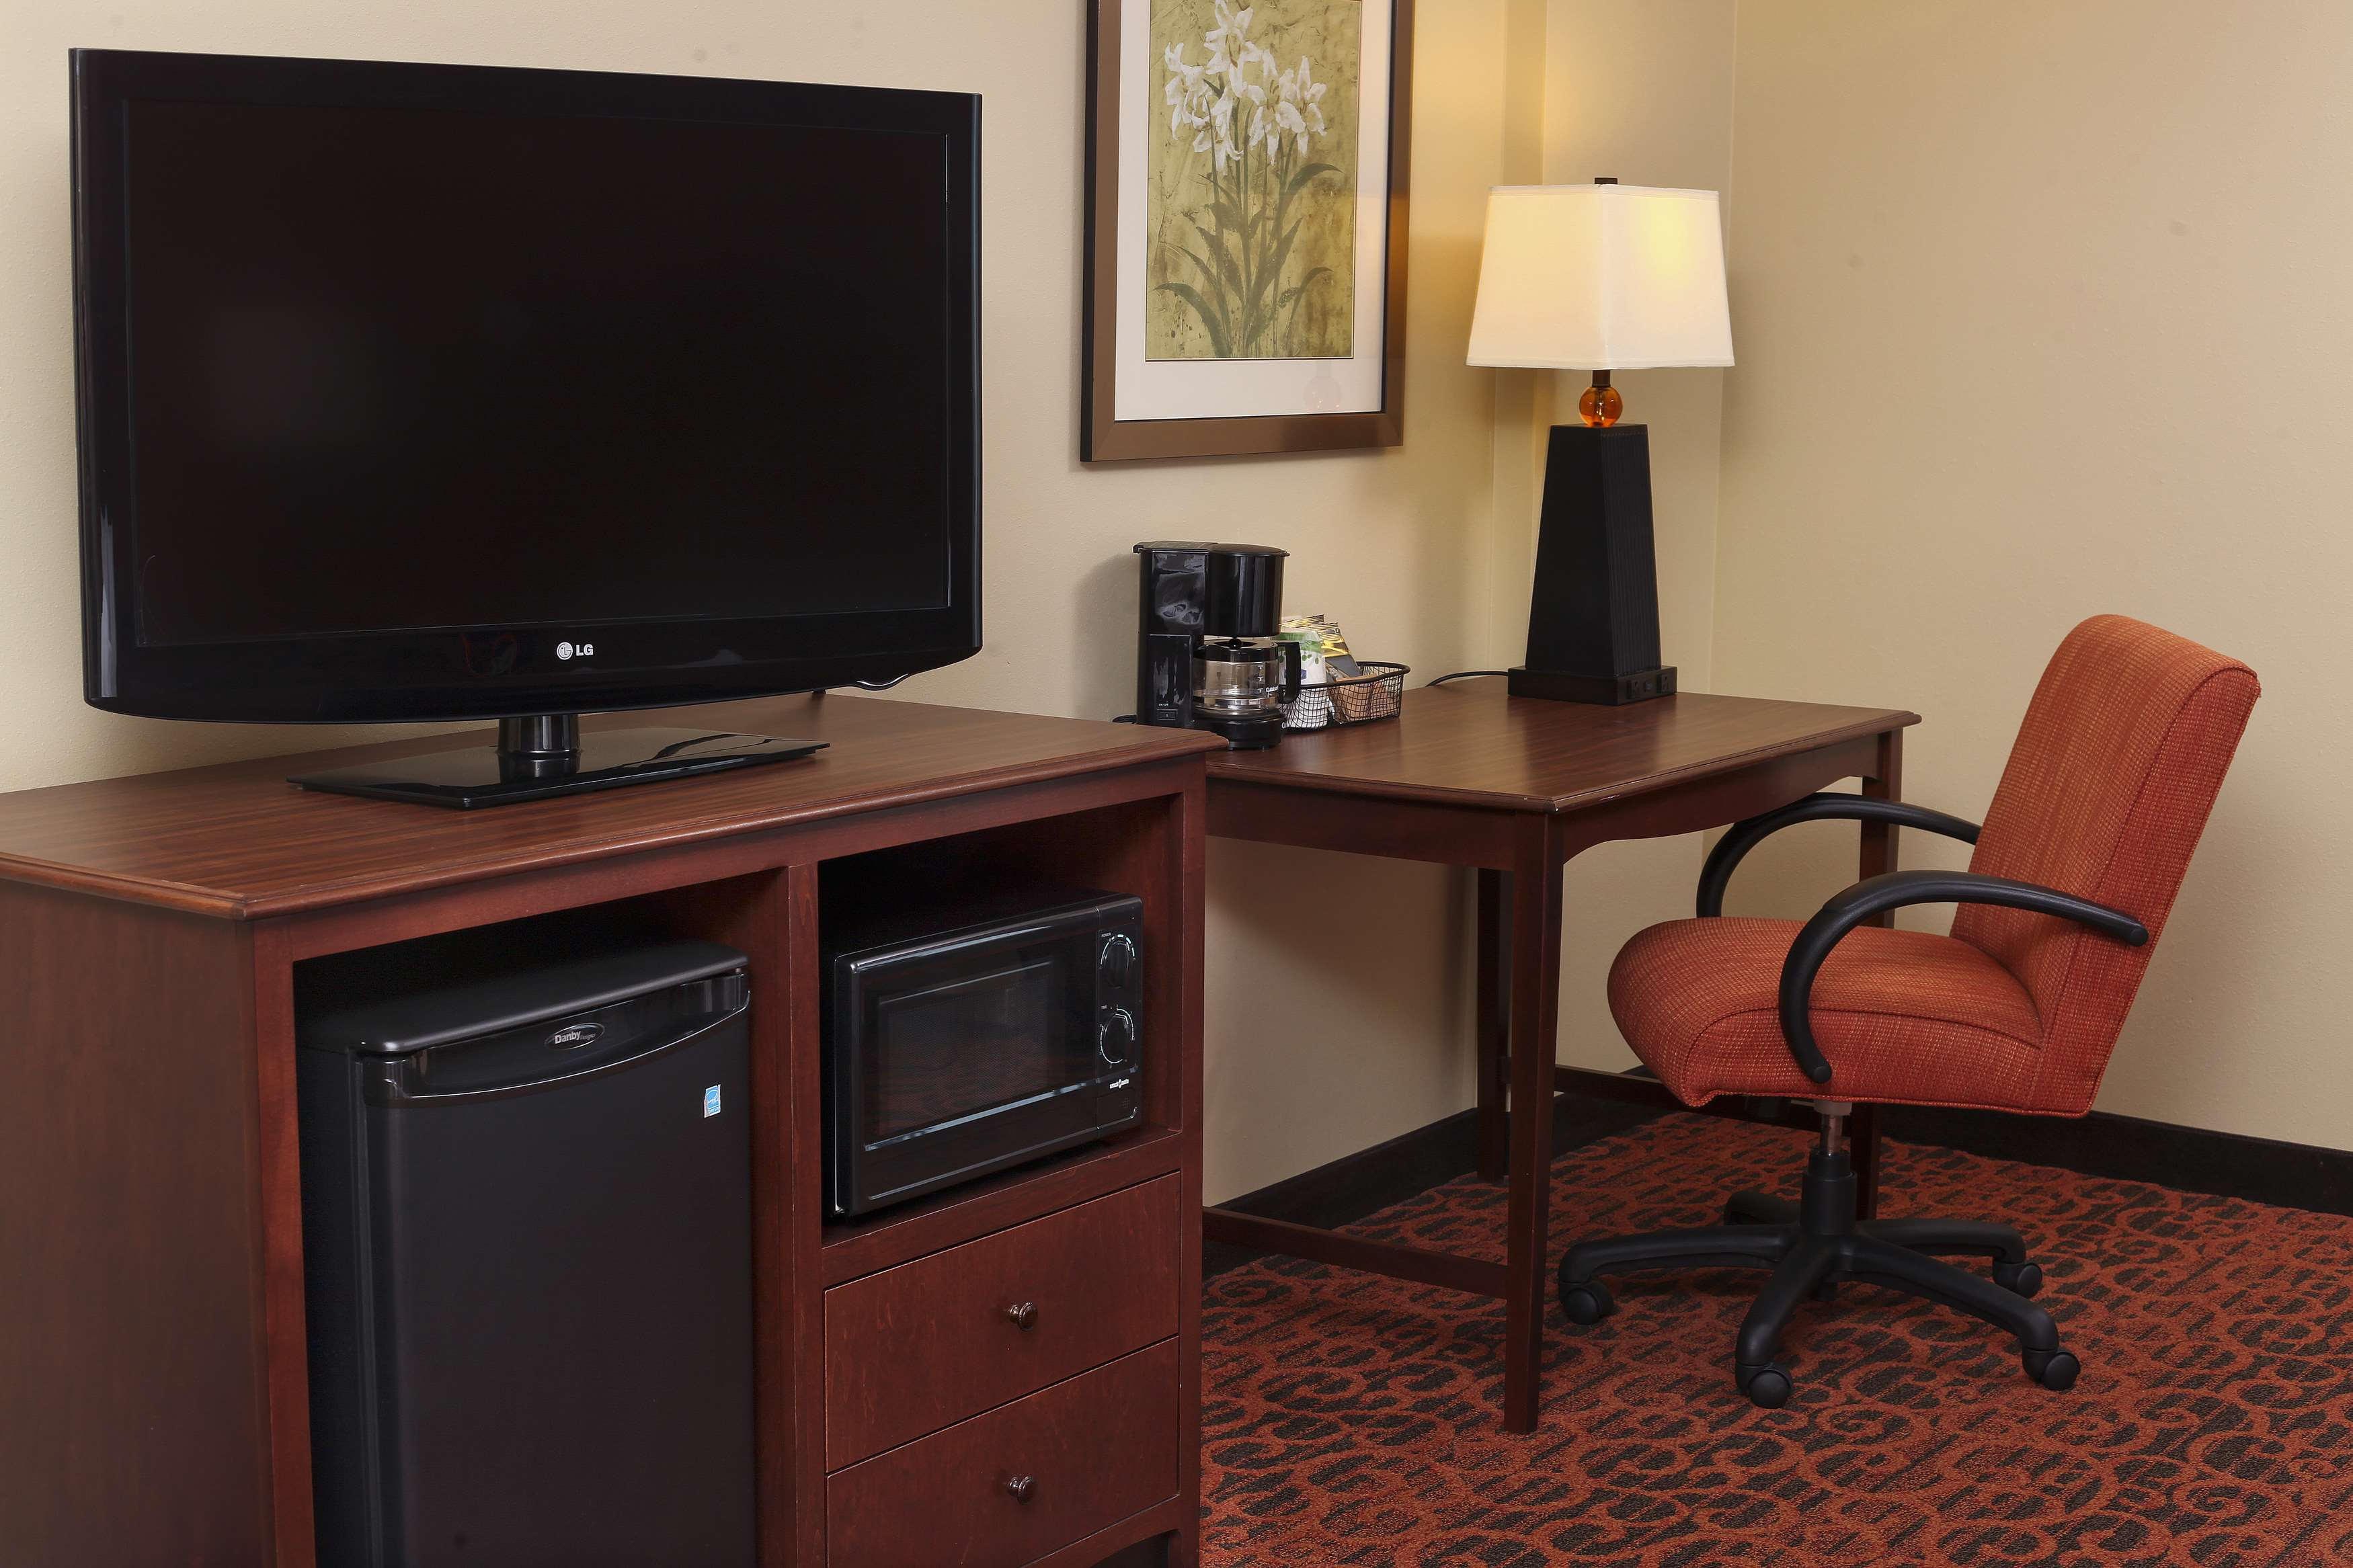 Hampton Inn & Suites Fargo image 20